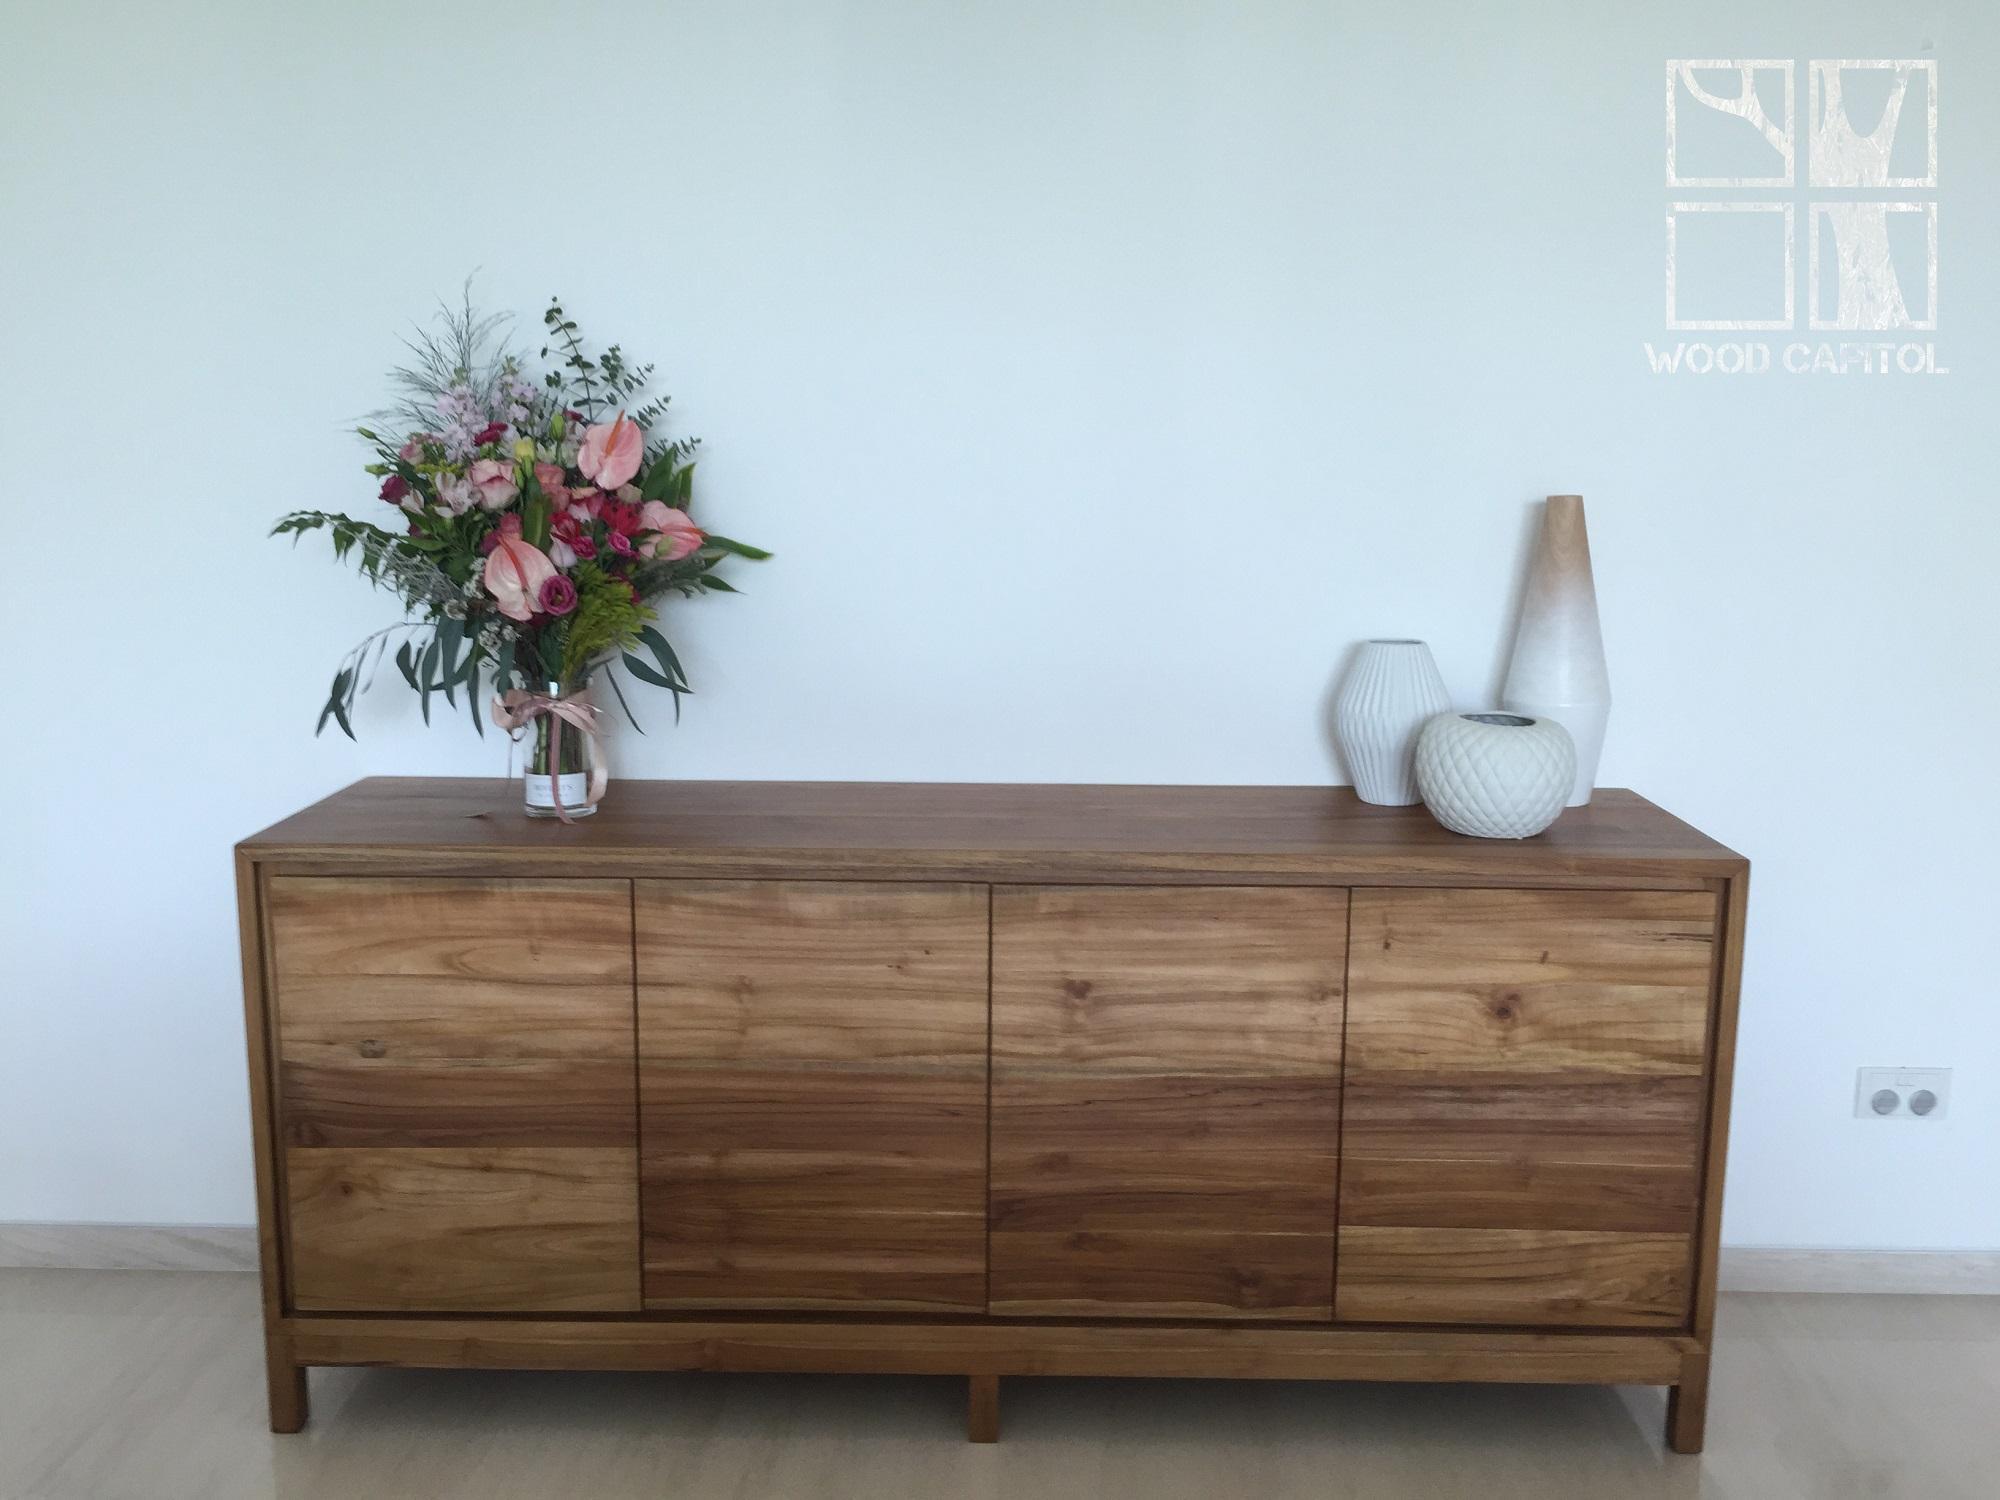 Wood Capitol Teak Wood Cabinet